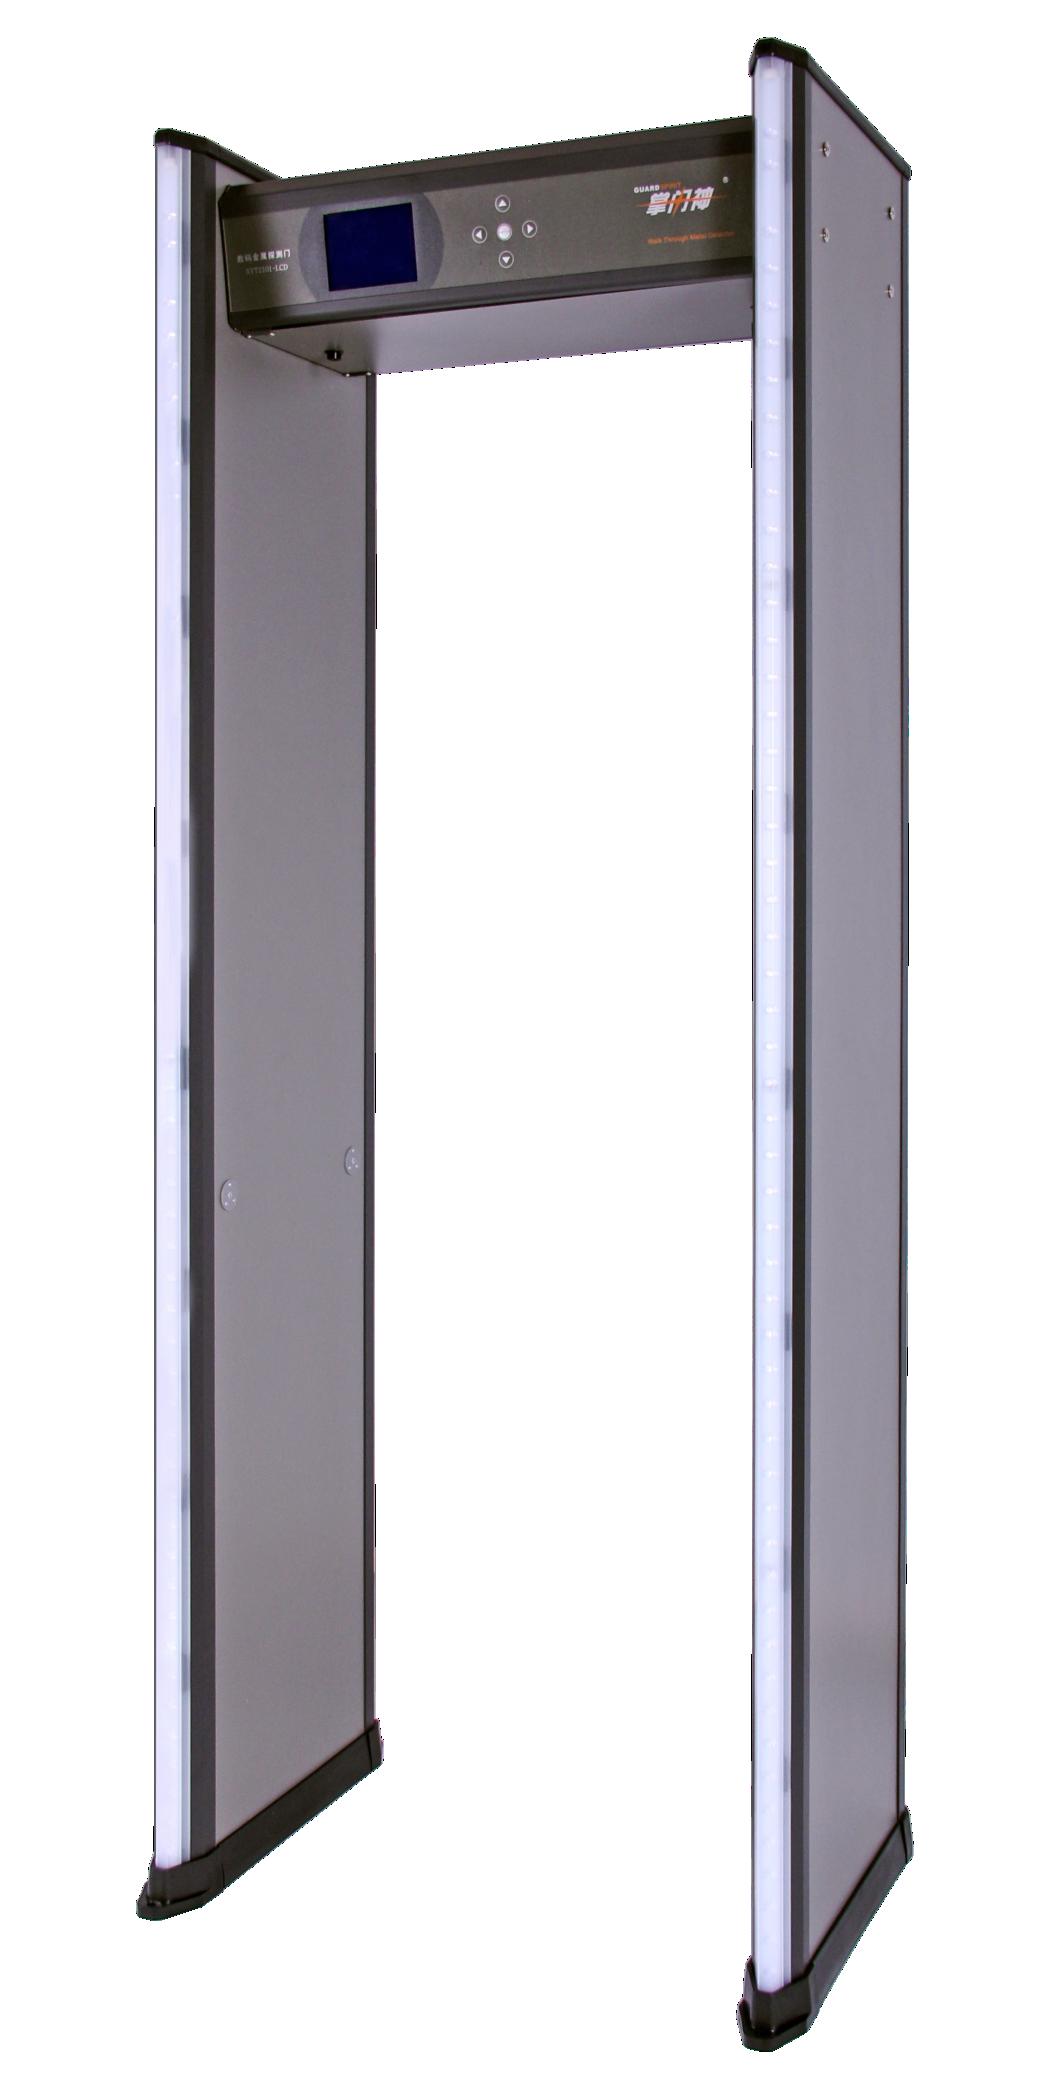 XYT2101-LCD型数码金属探测门